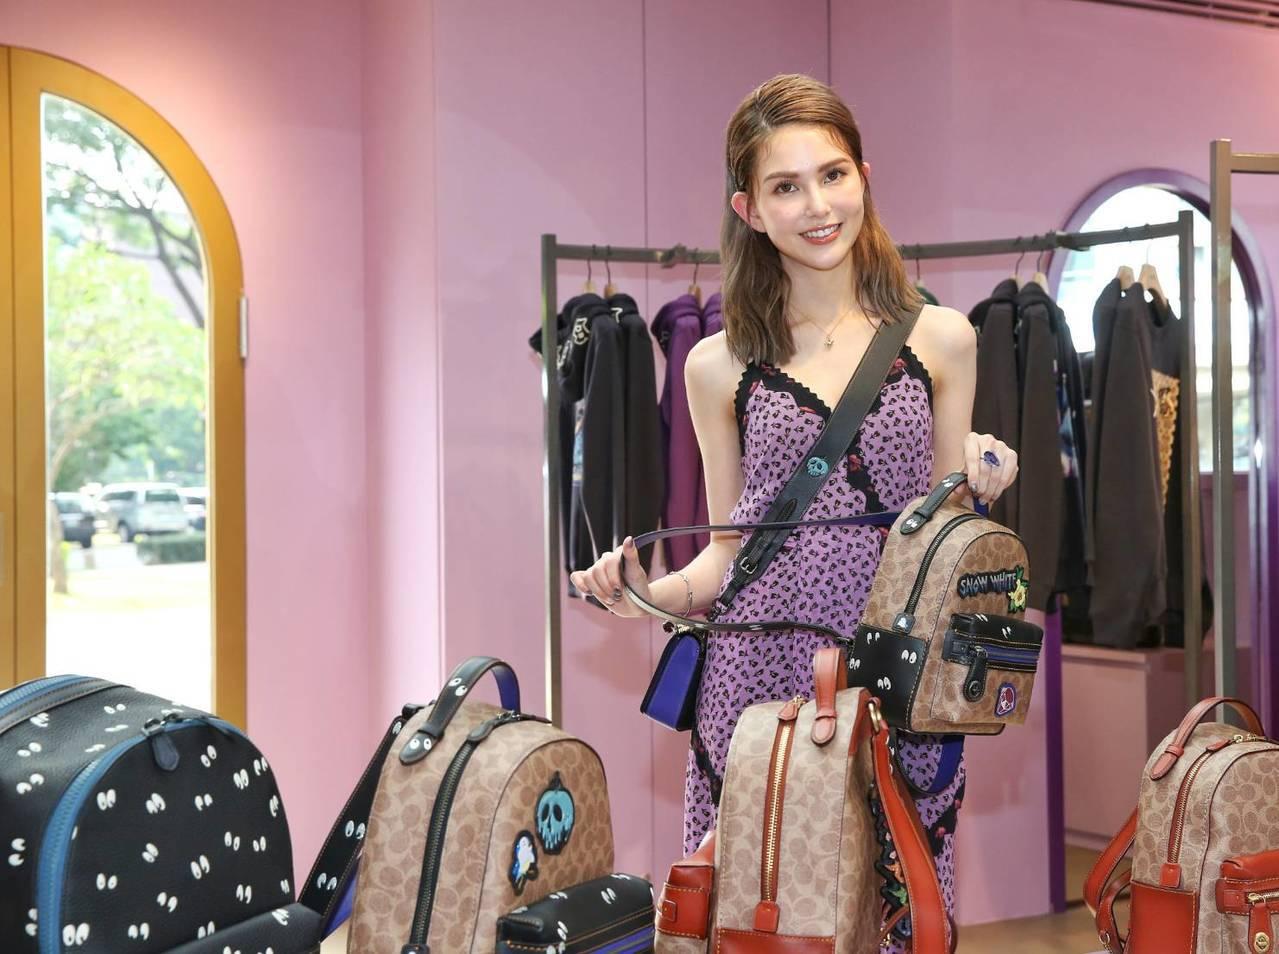 昆凌穿紫色洋裝32,800元配搭Dinky包款19,800元、自選背帶7,500...